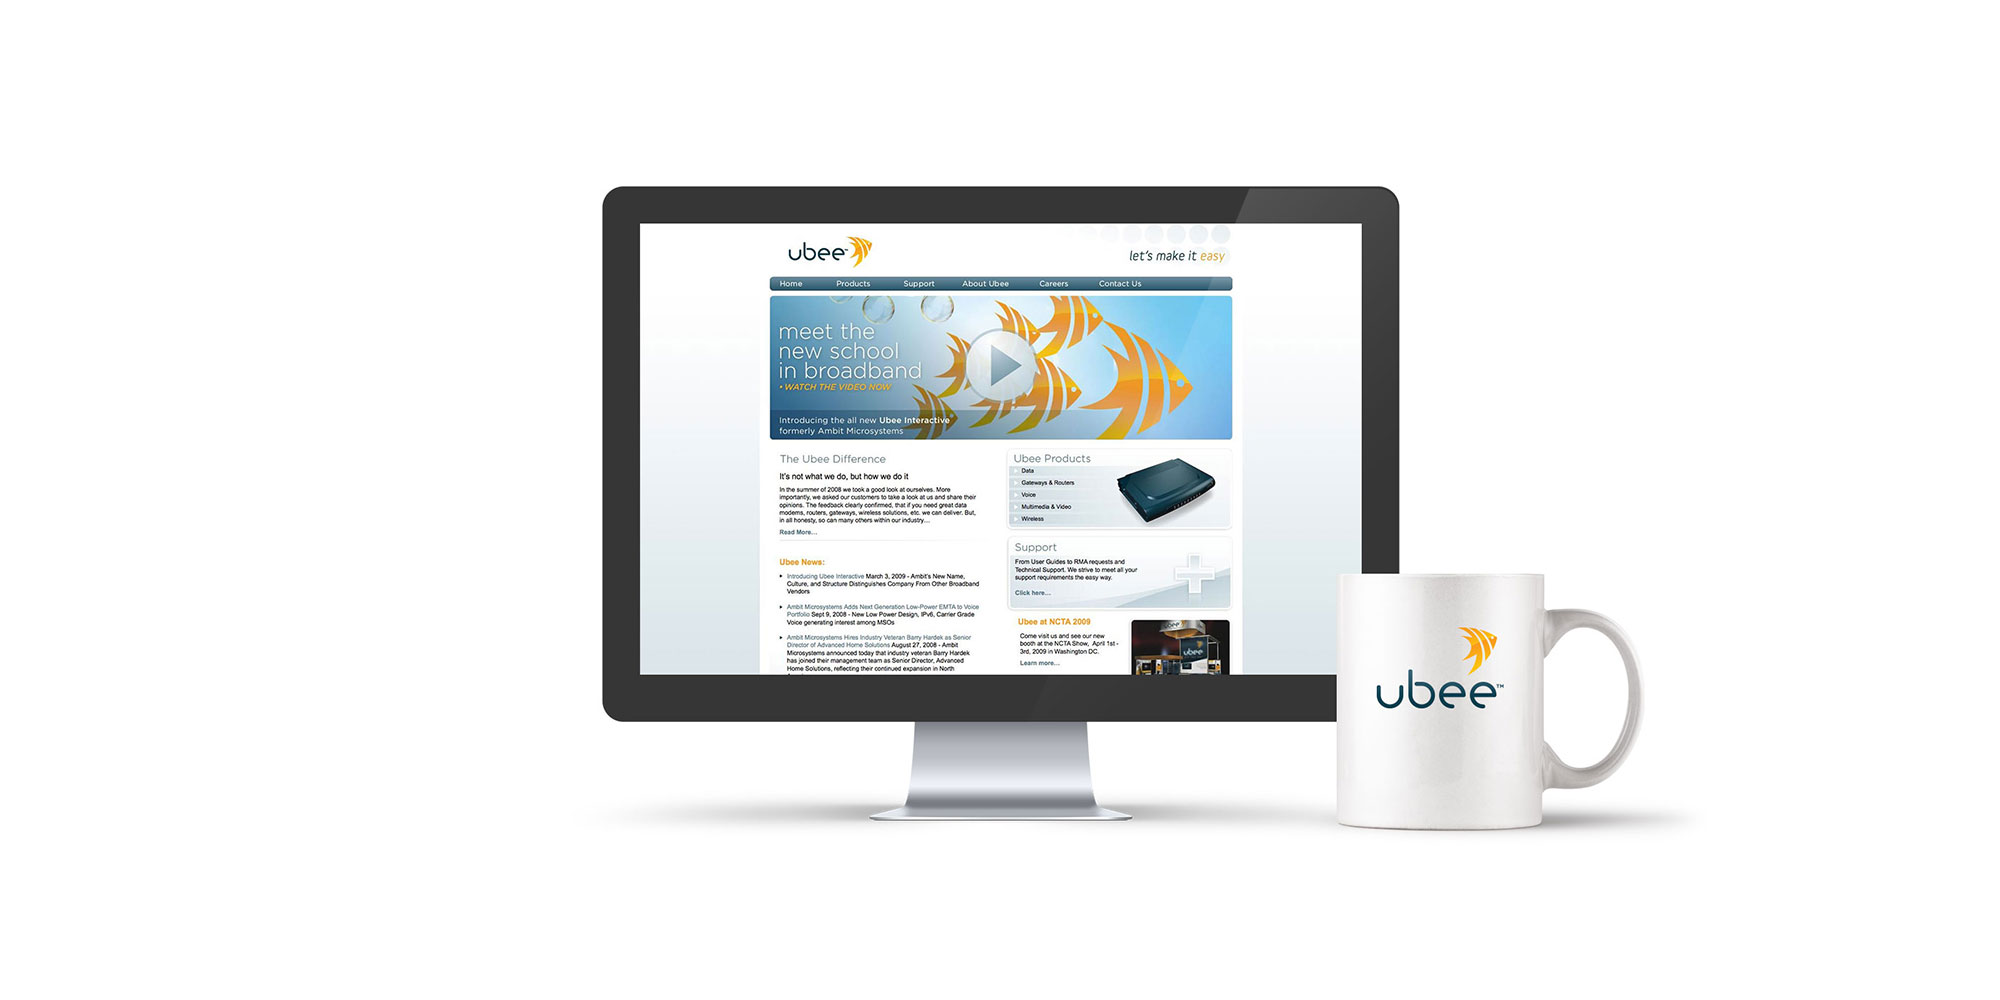 Ubee website mockup design